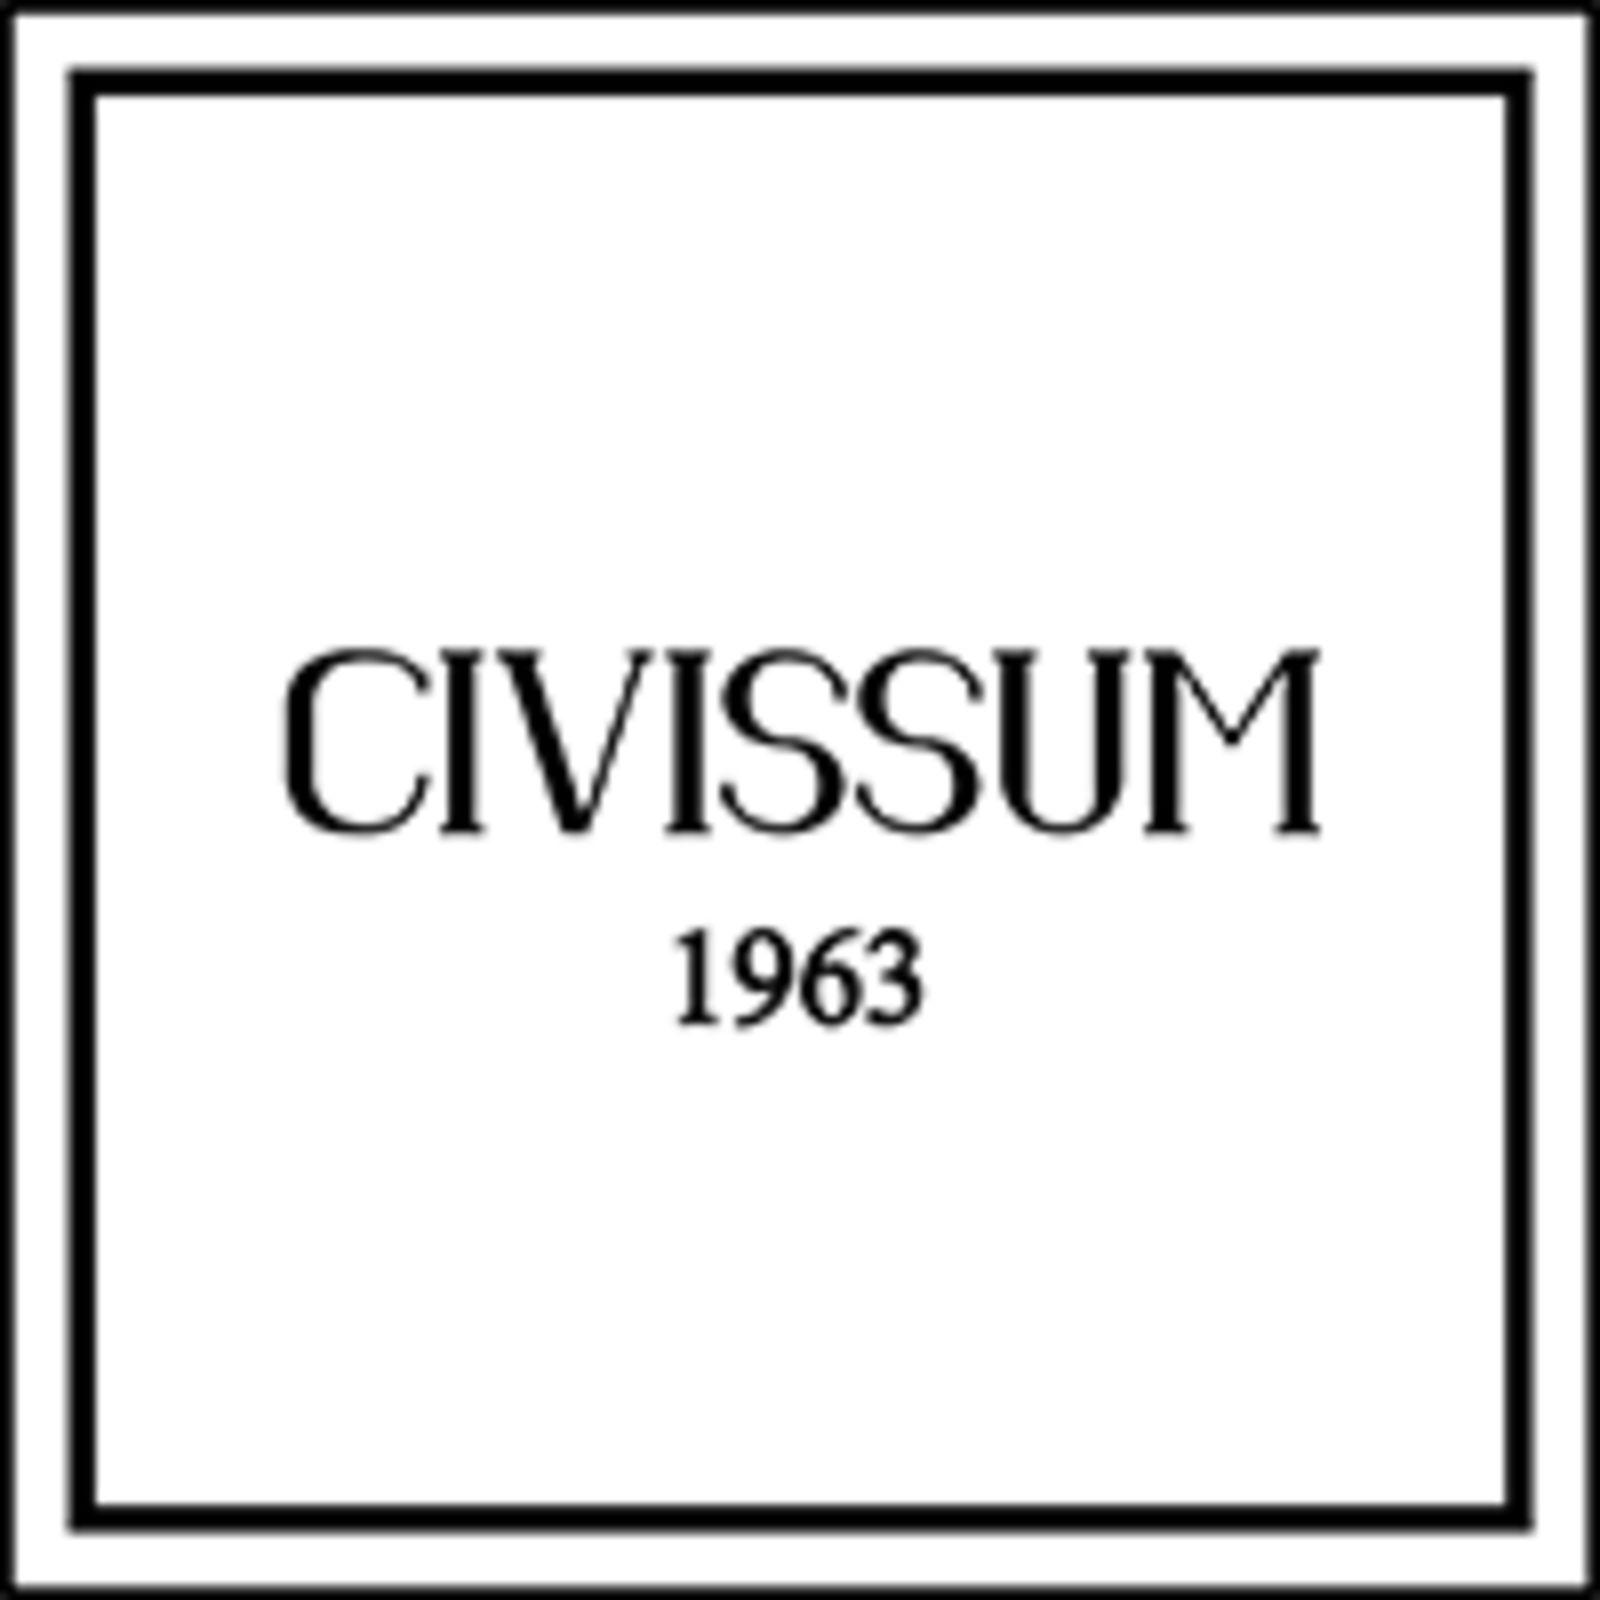 CIVISSUM